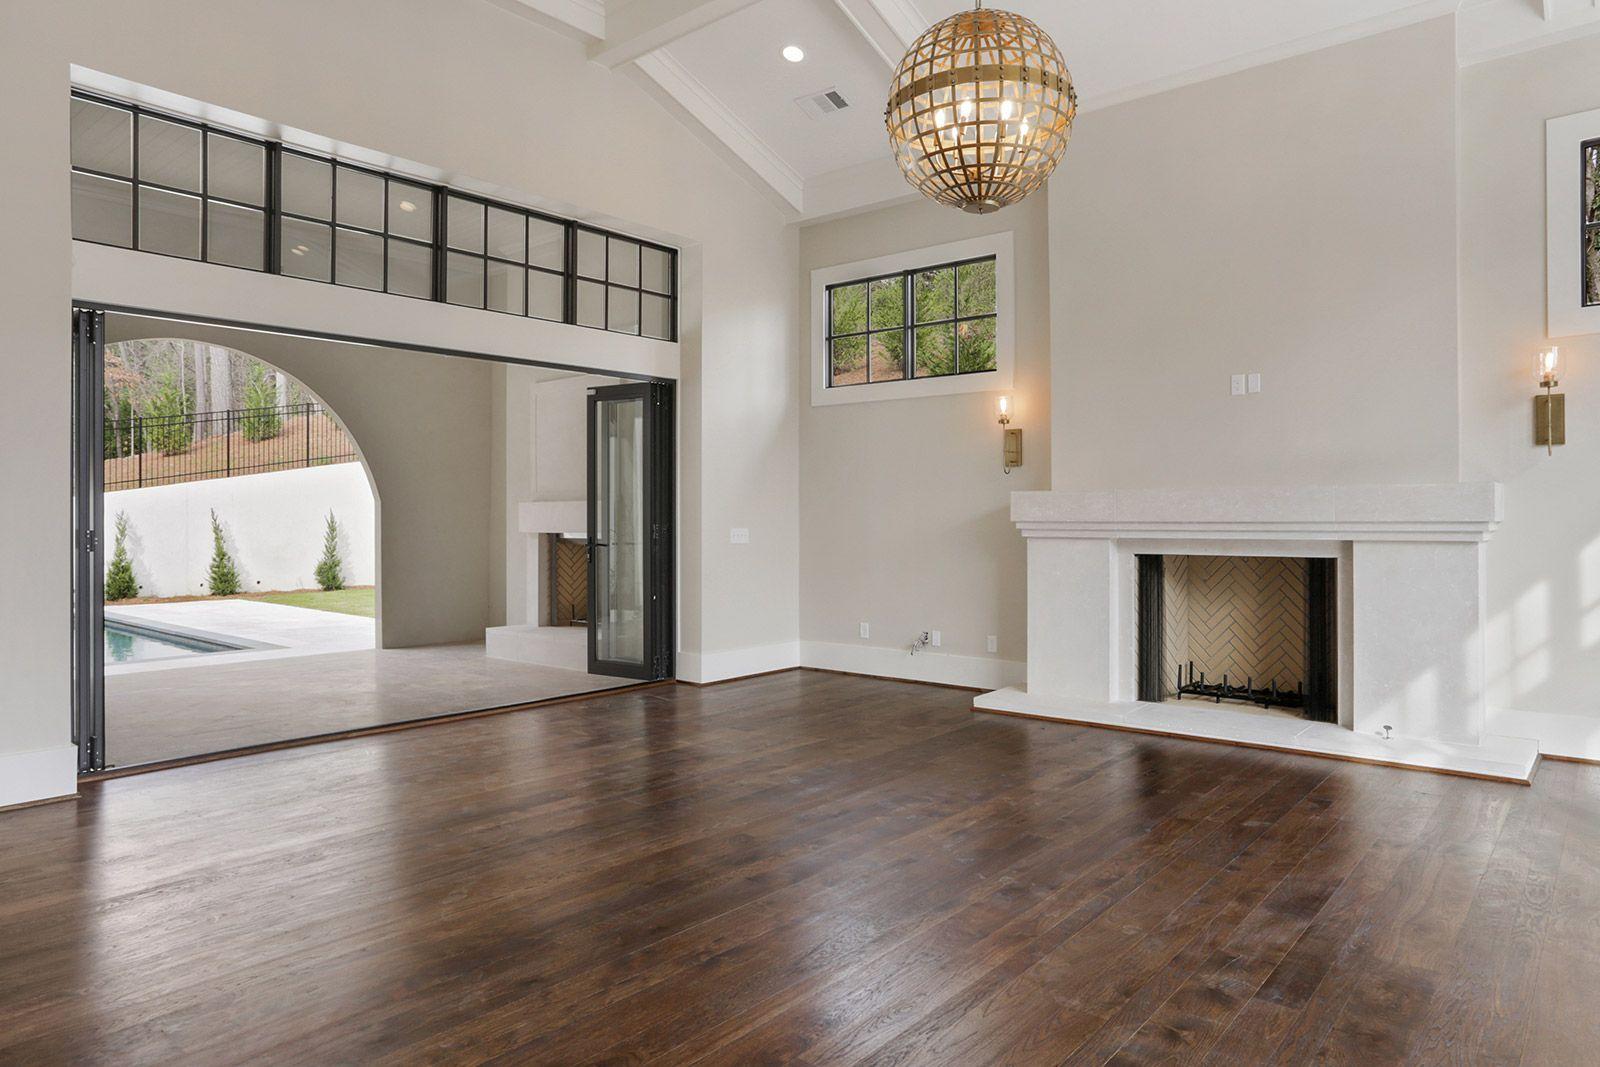 Folding Doorways for seamless indoor/outdoor living and ... on Seamless Indoor Outdoor Living id=44242